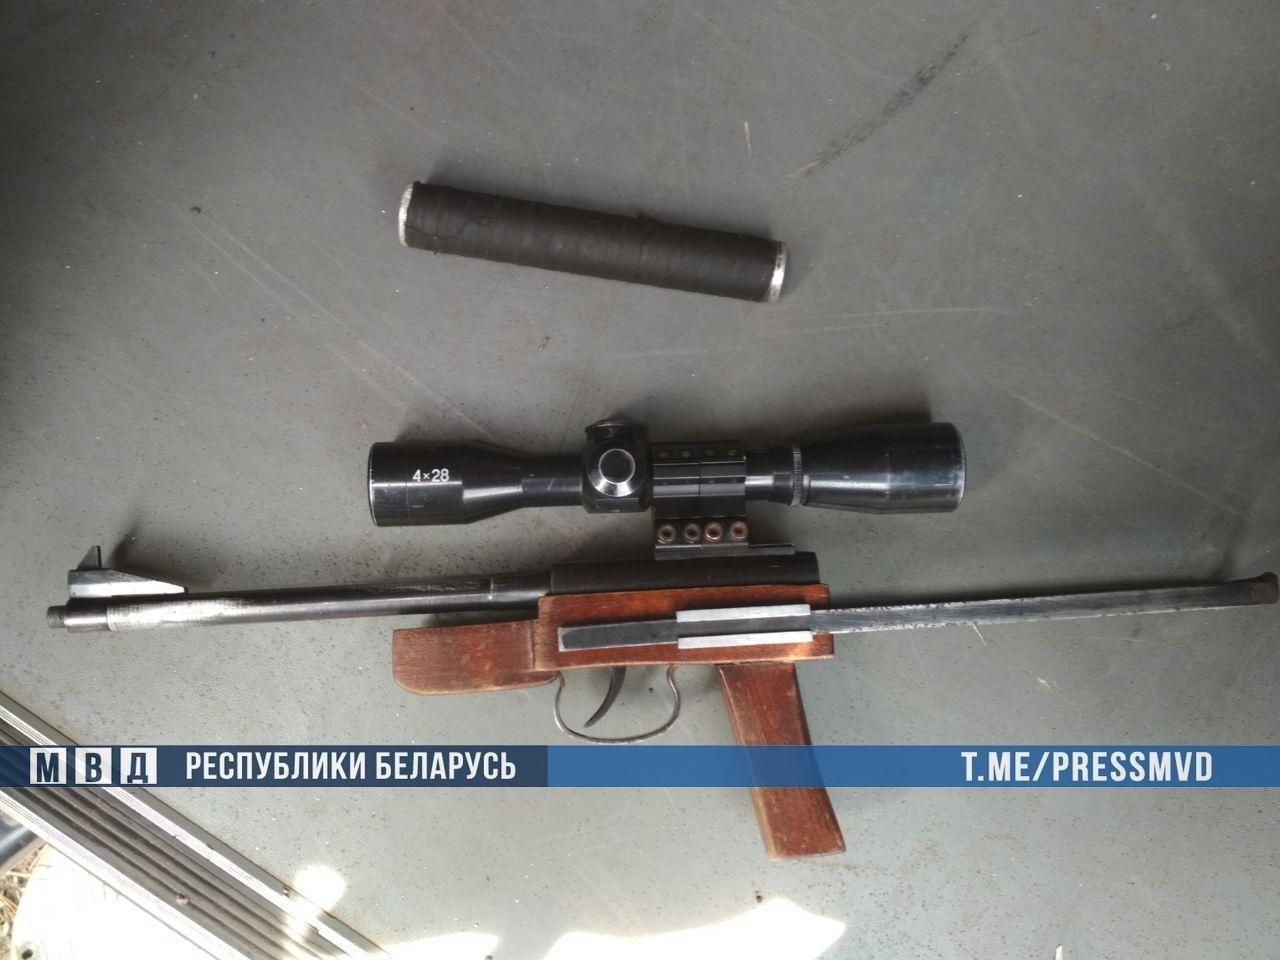 Продавцов самодельного оружия и патронов задержали в Пружанском районе